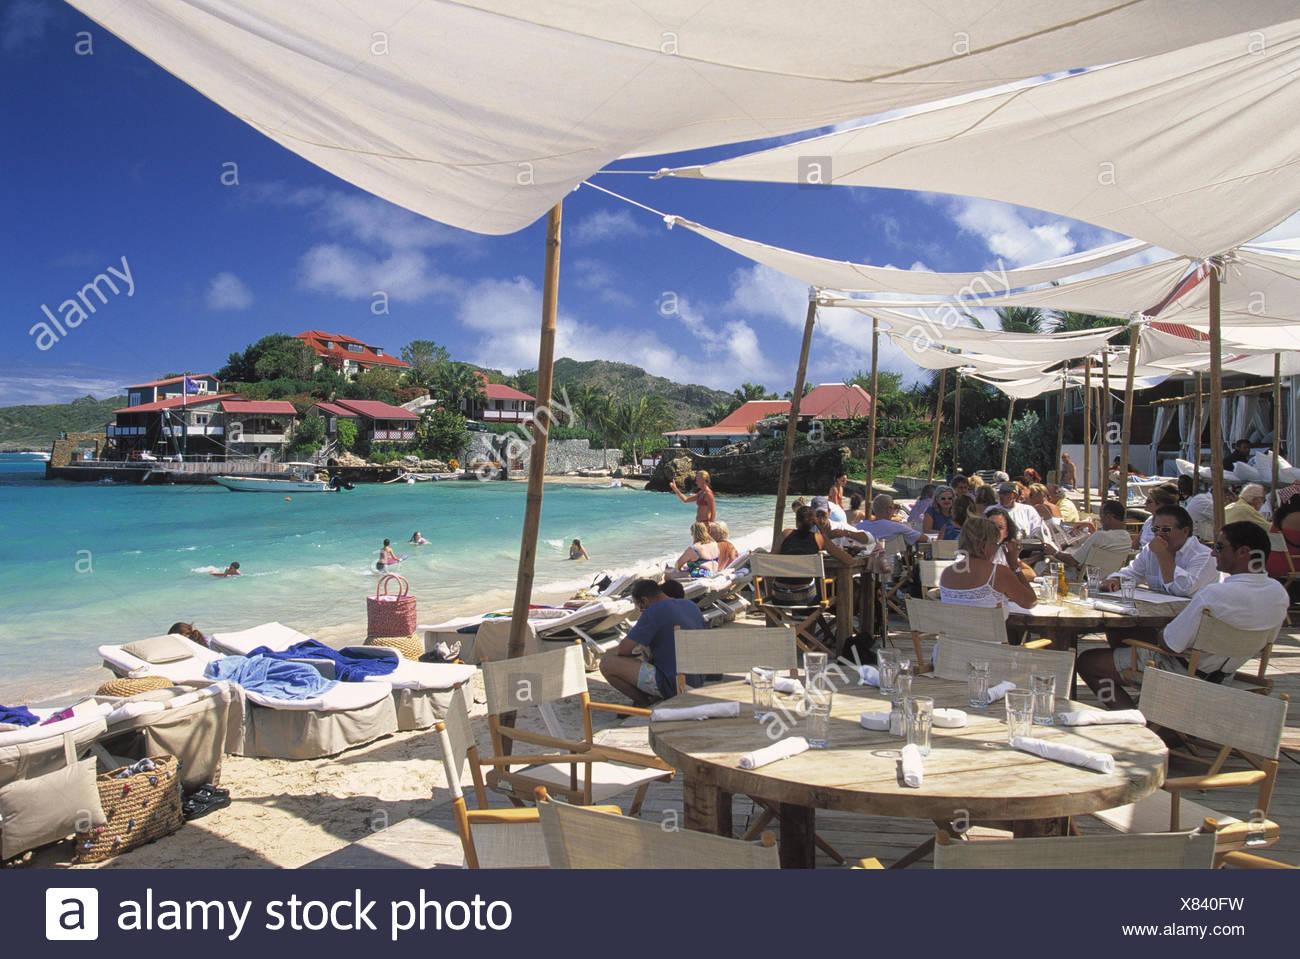 Karibik, Französische Antillen, St Barthelemy, St. Jean, Stadtstrand,  Lokal, Gäste, No Model Release! Mittelamerika, Westindische Inseln, Kleine  Antillen, ...